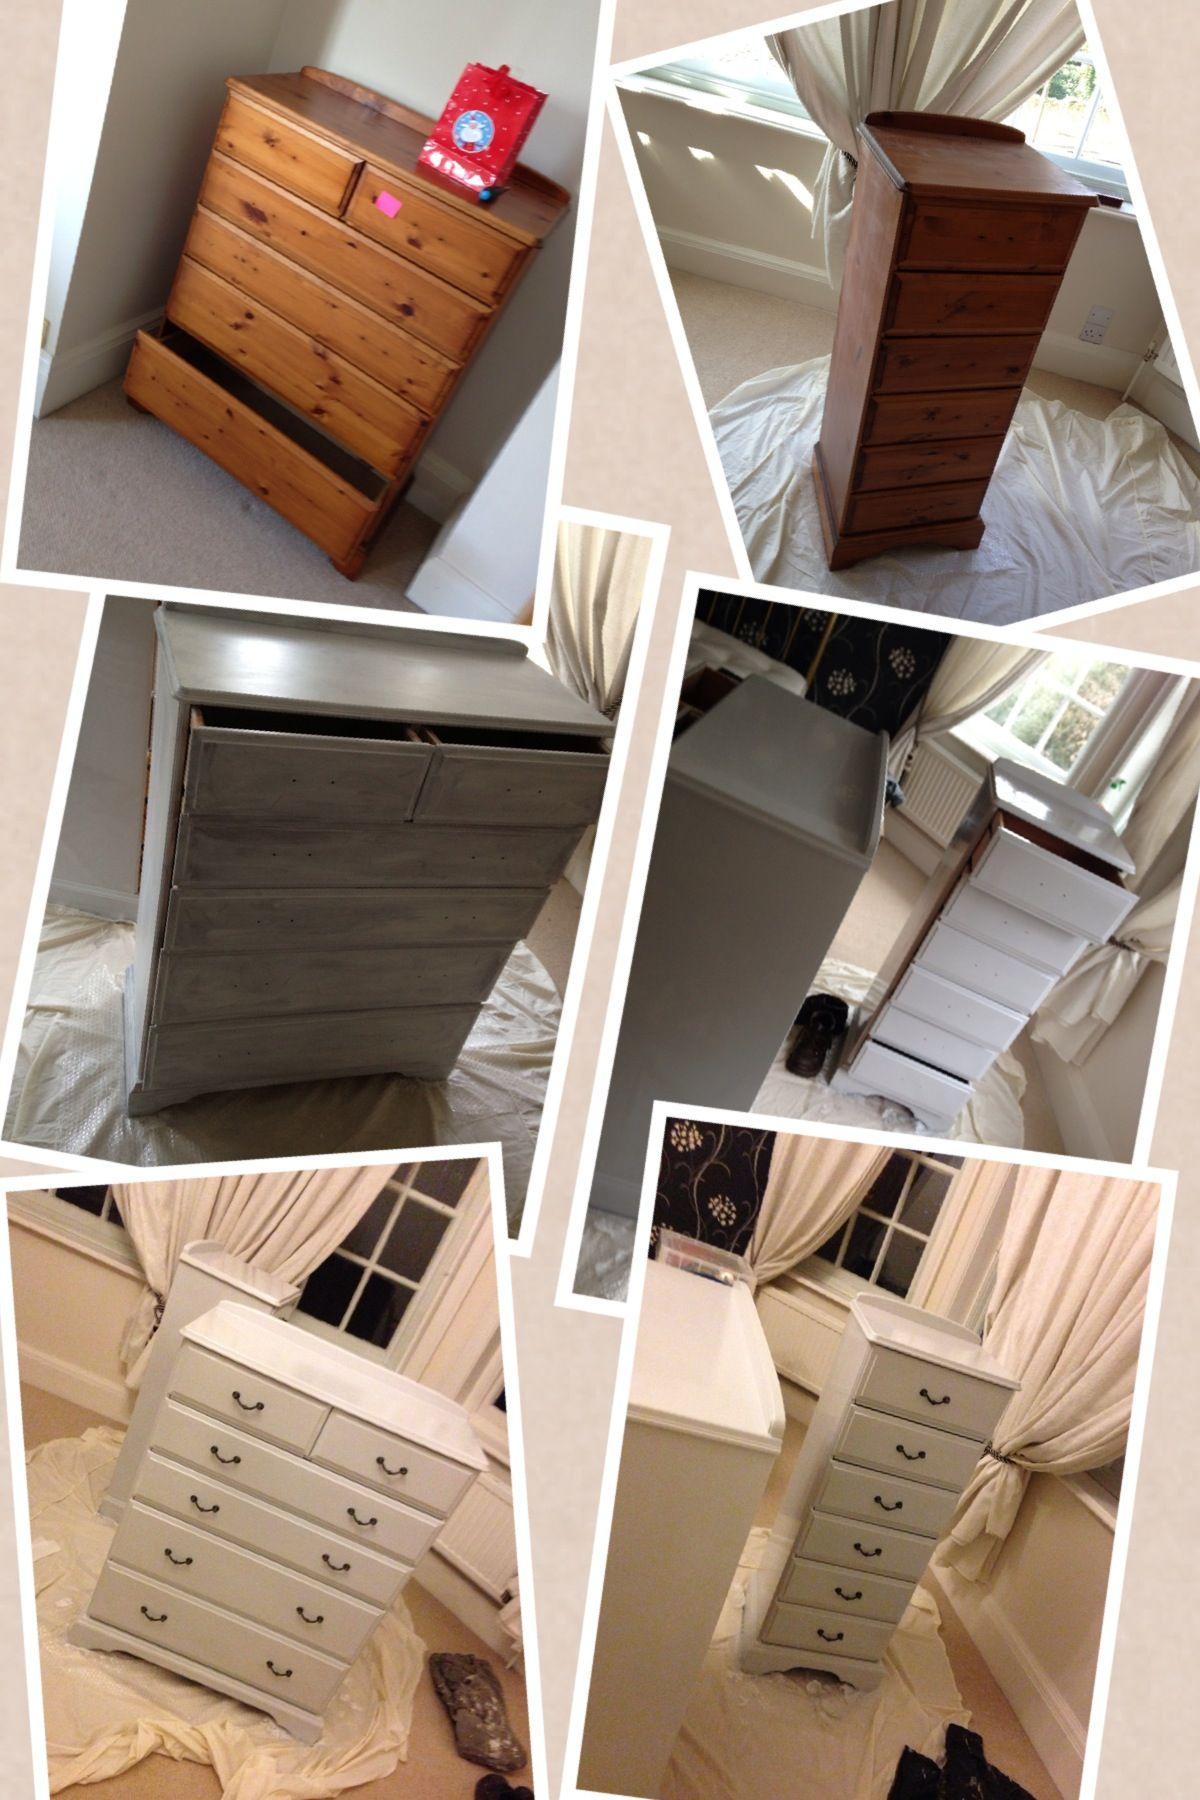 renovating old furniture. renovating old furniture by teejay